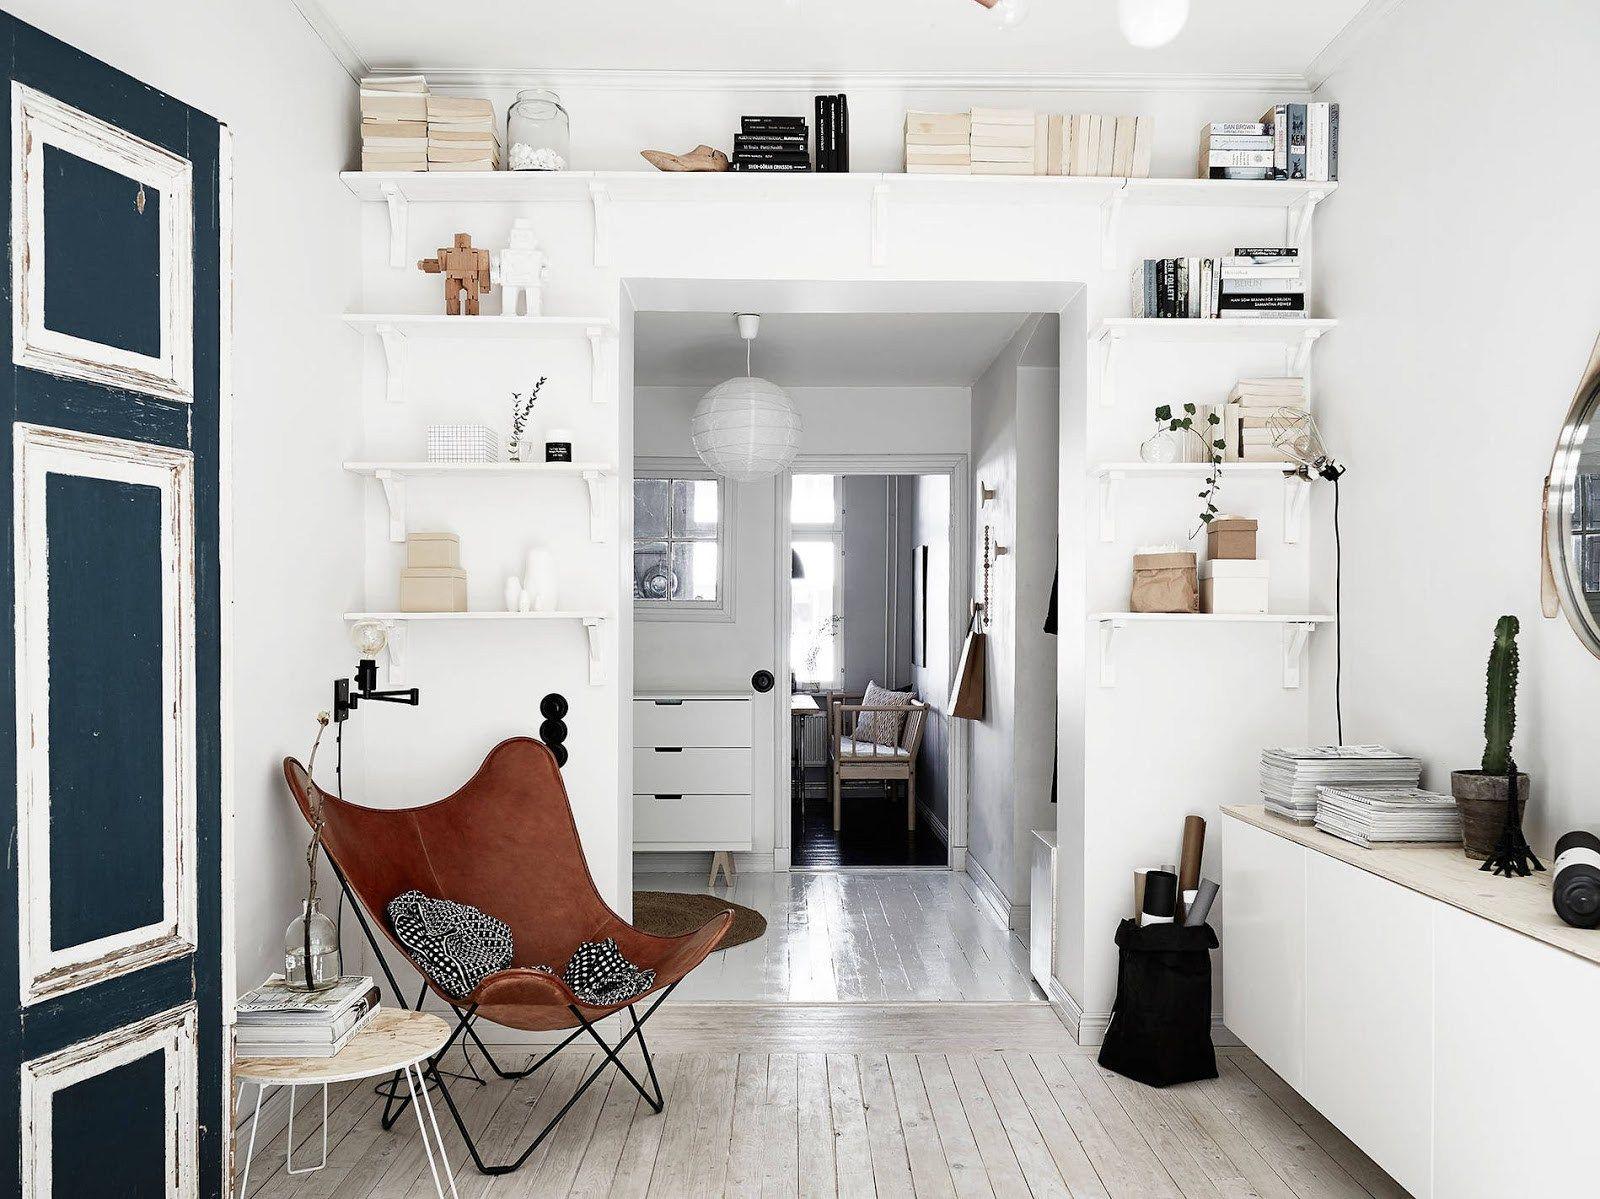 Carpinter a antigua en un piso moderno viviendas - Piso pequeno moderno ...